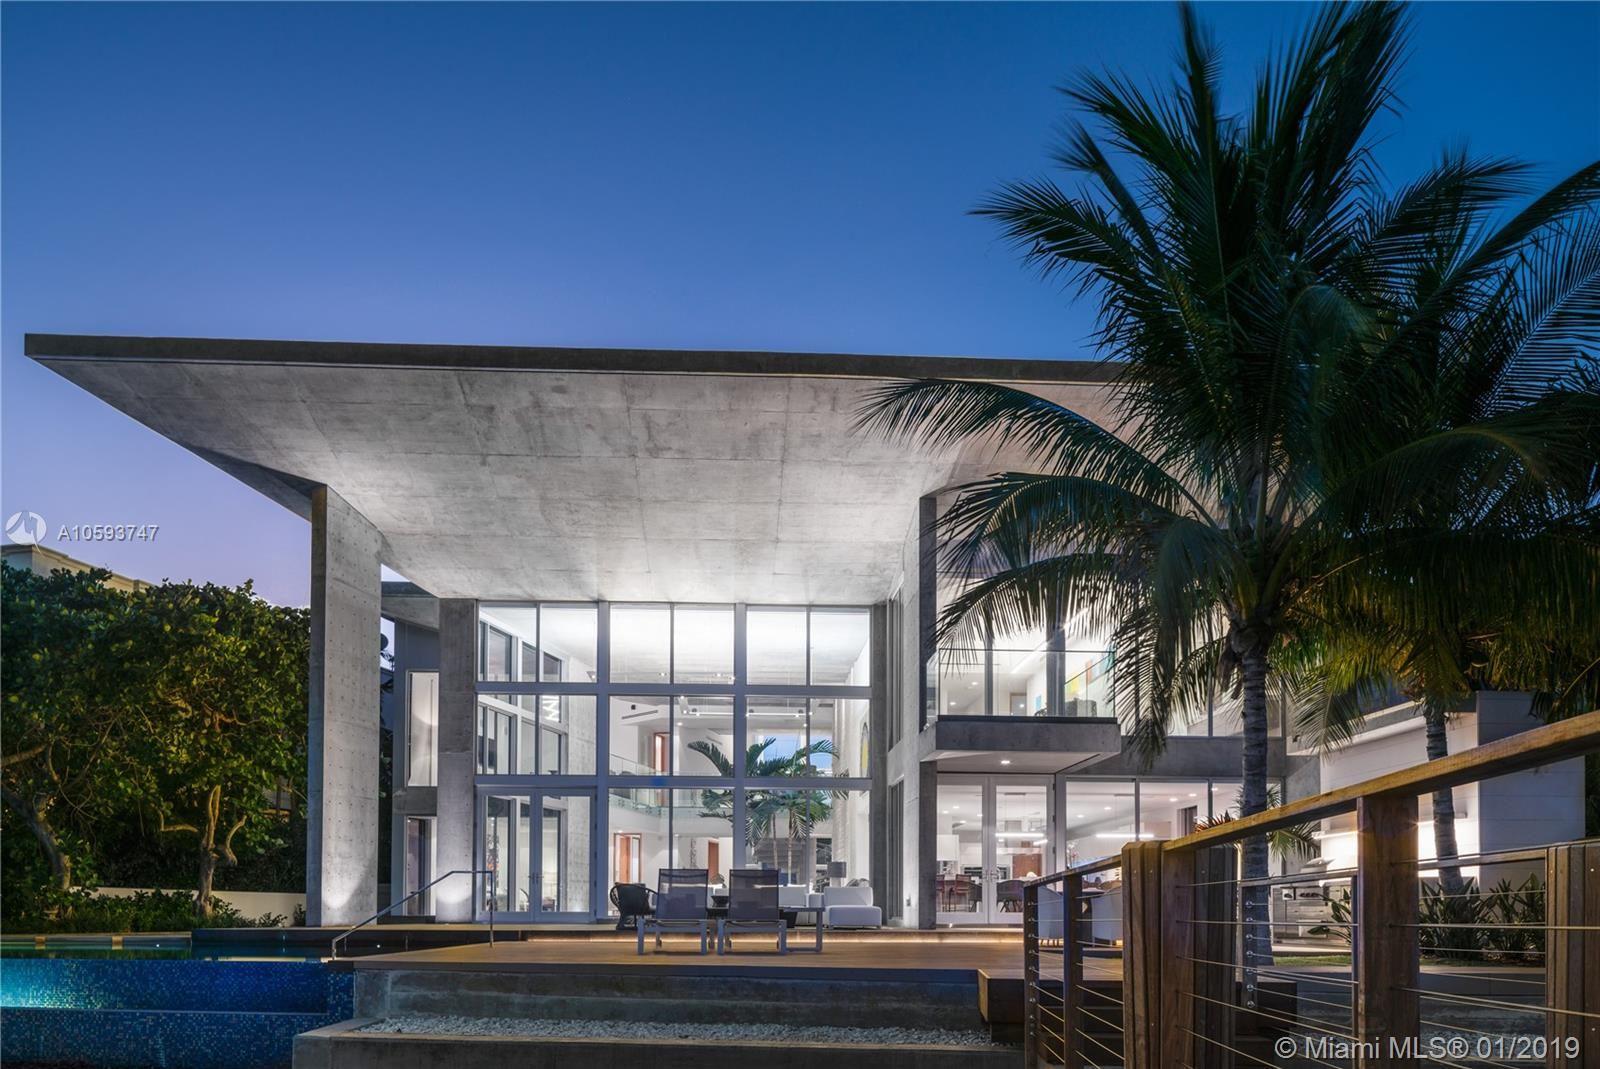 Photo 32 of Listing MLS a10593747 in 35 E Dilido Dr Miami Beach FL 33139